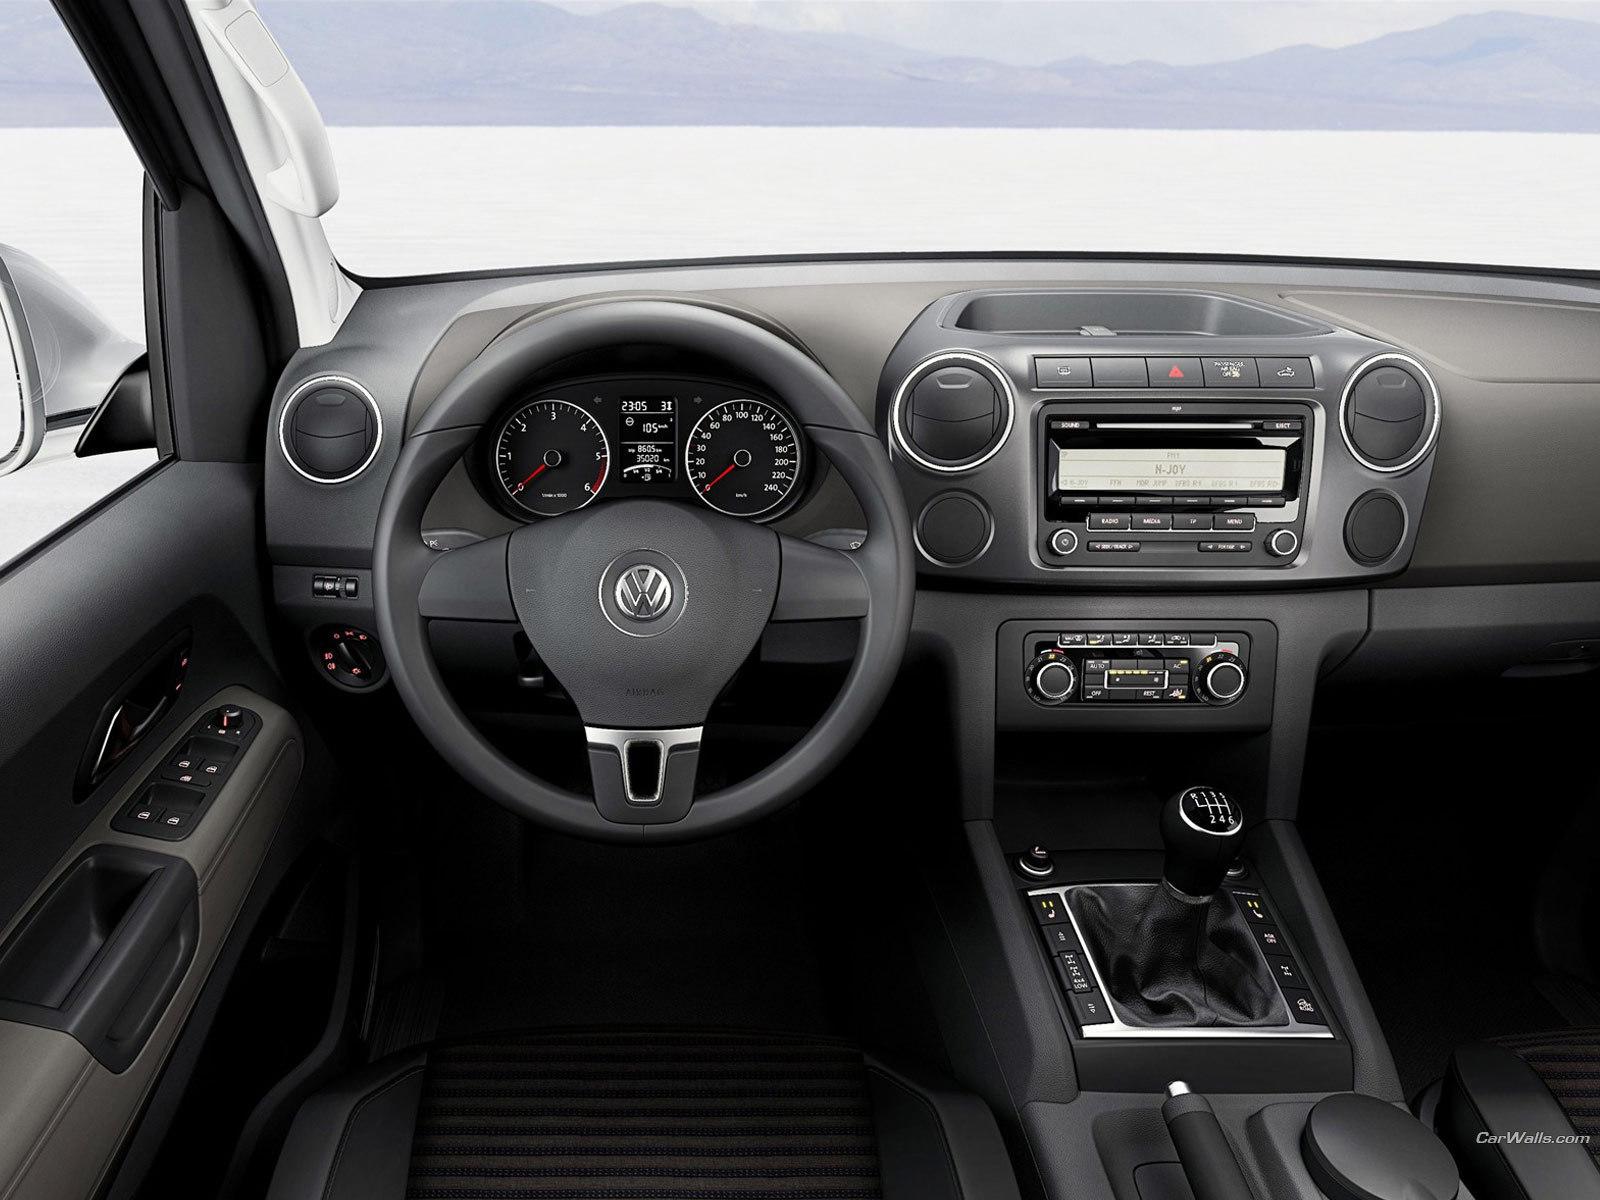 Volkswagen Amarok   Volkswagen Wallpaper 9326169 1600x1200